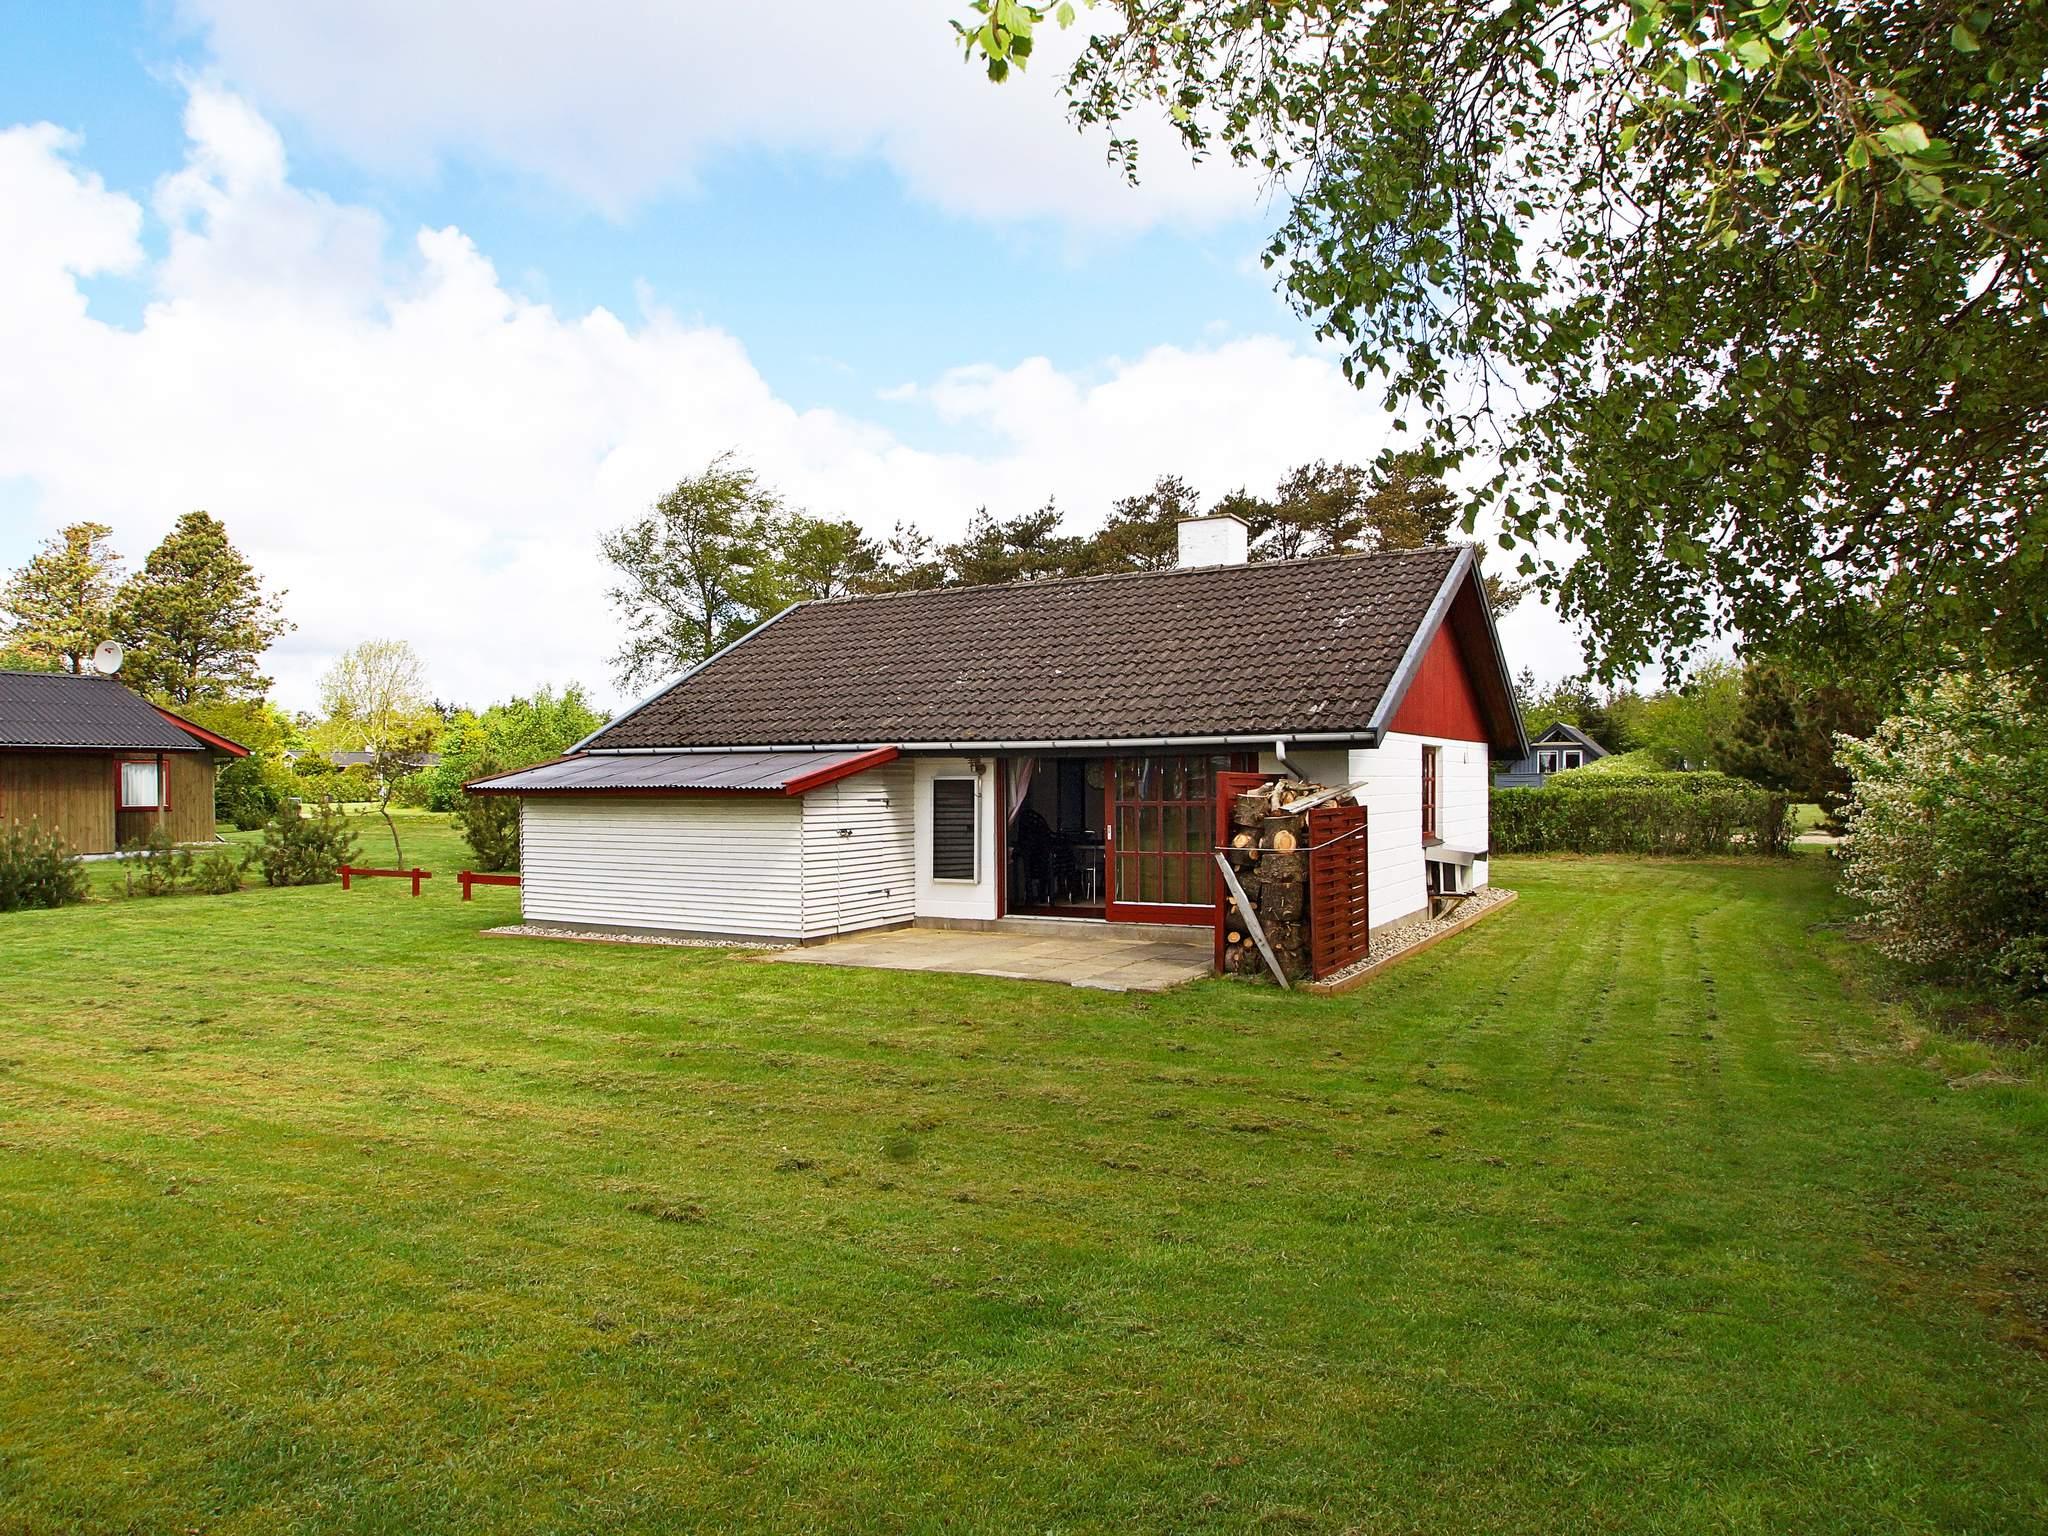 Maison de vacances Skaven Strand (81760), Tarm, , Jutland Ouest, Danemark, image 13